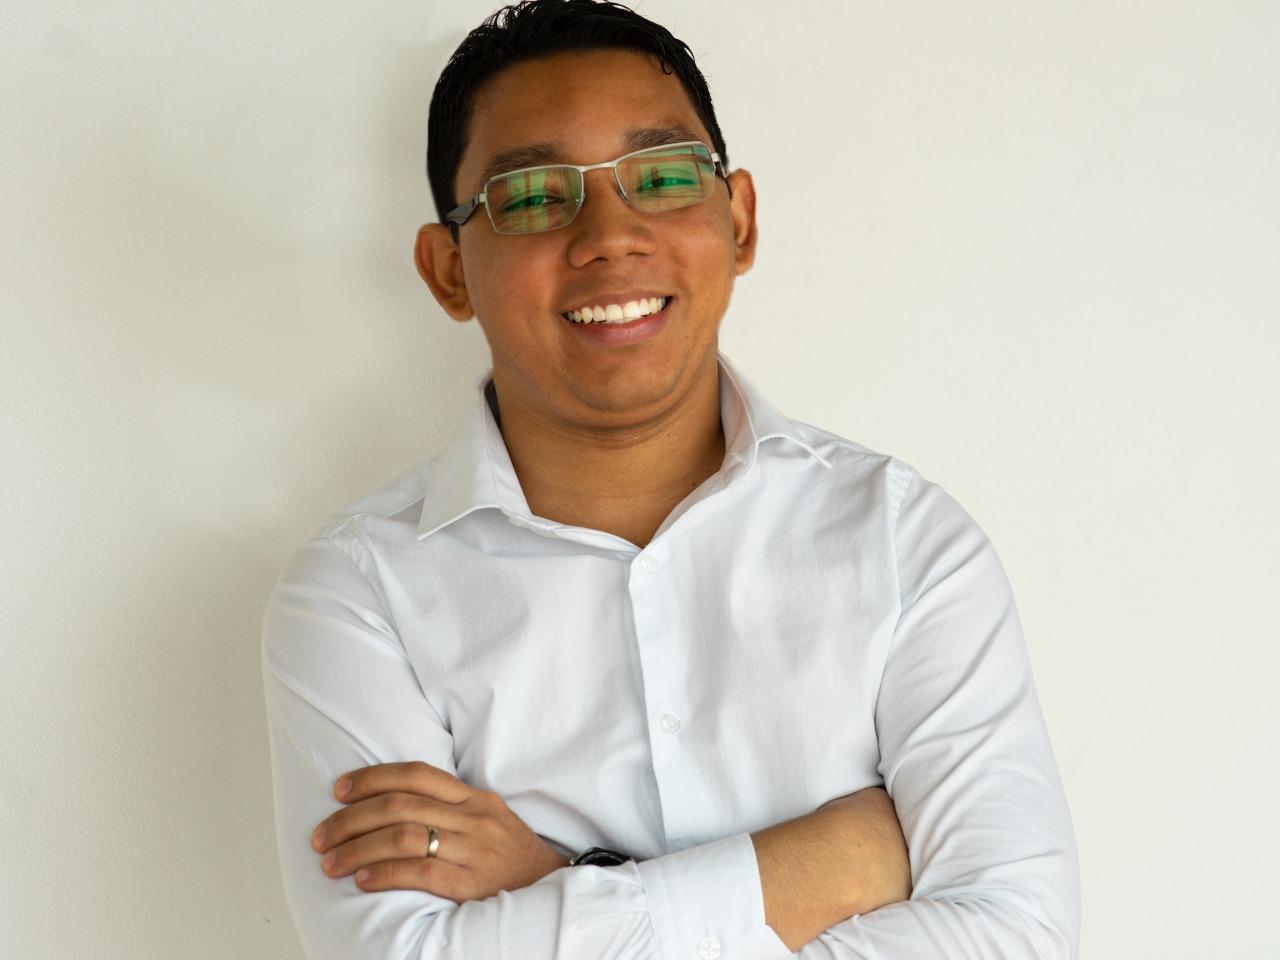 Roberto-Morales